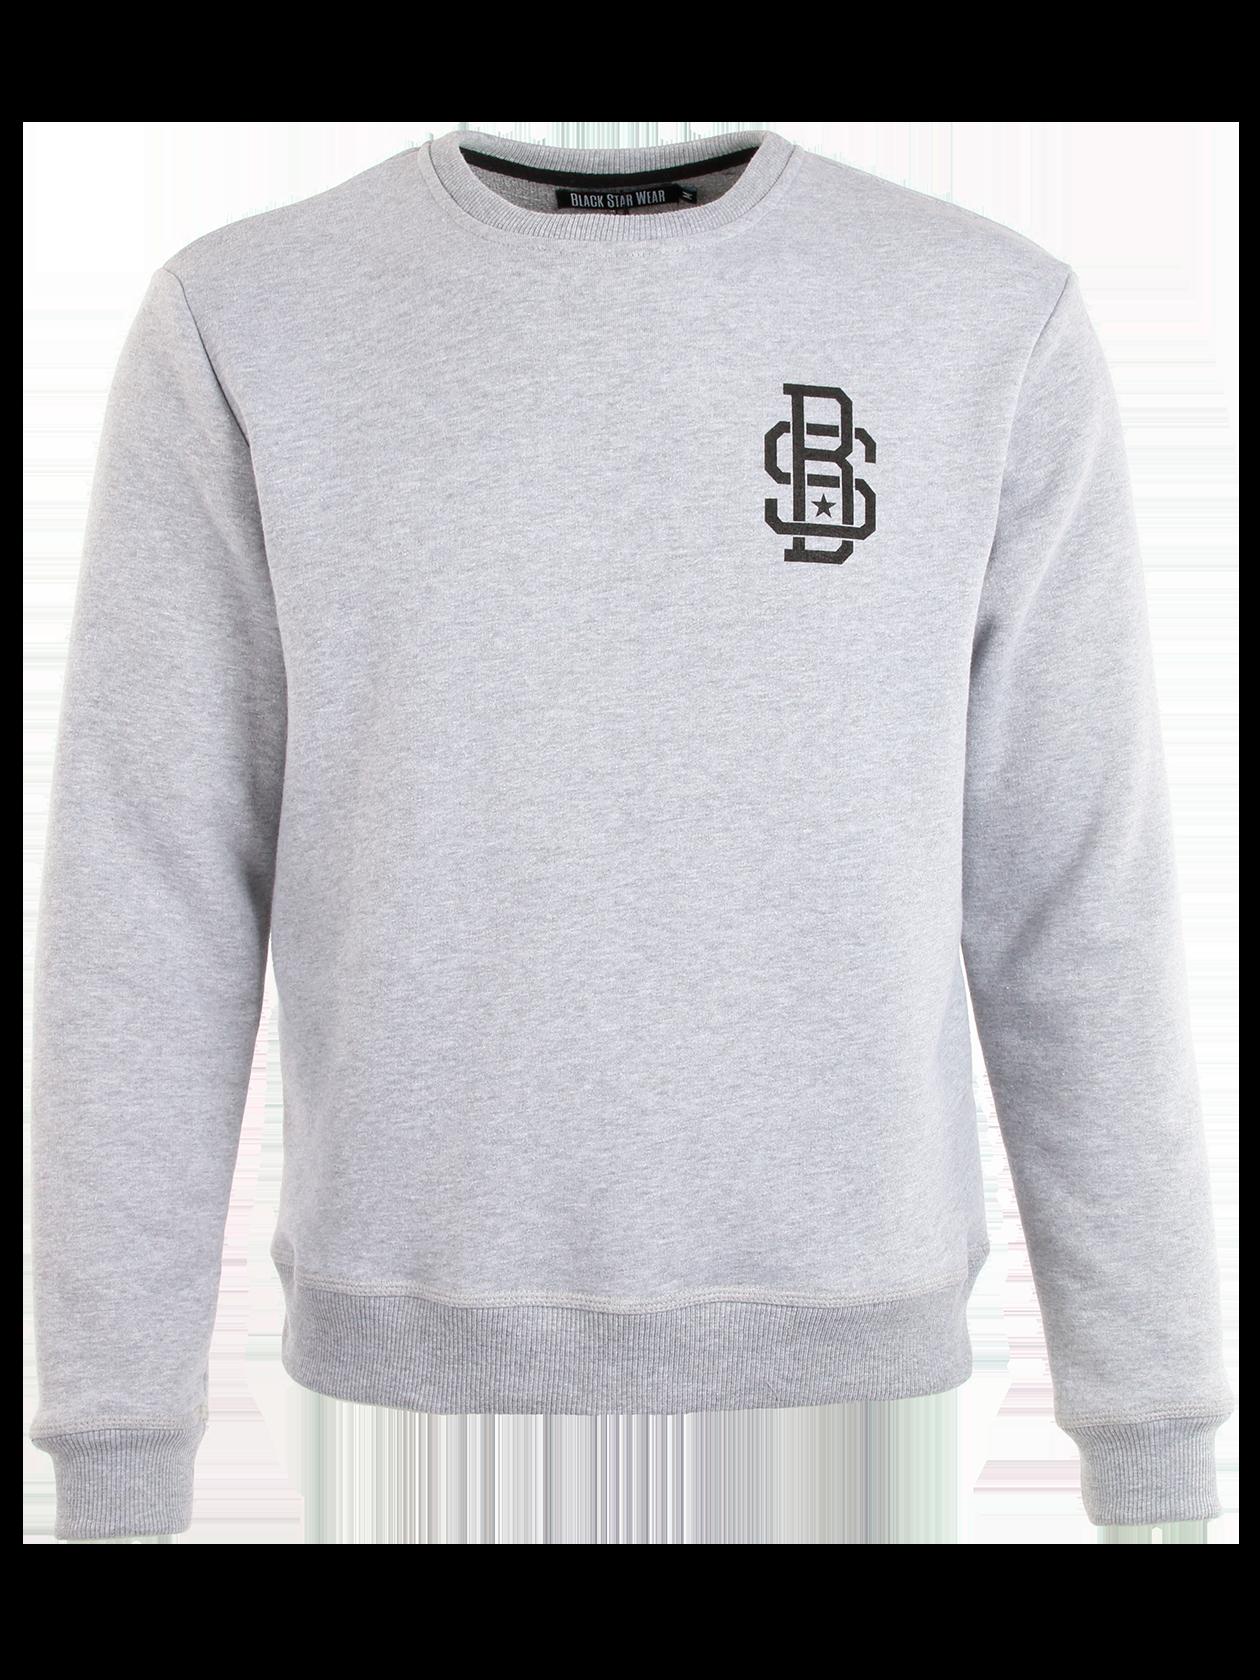 Купить Костюм спортивный мужской 13 от Black Star Wear цвета серый меланж